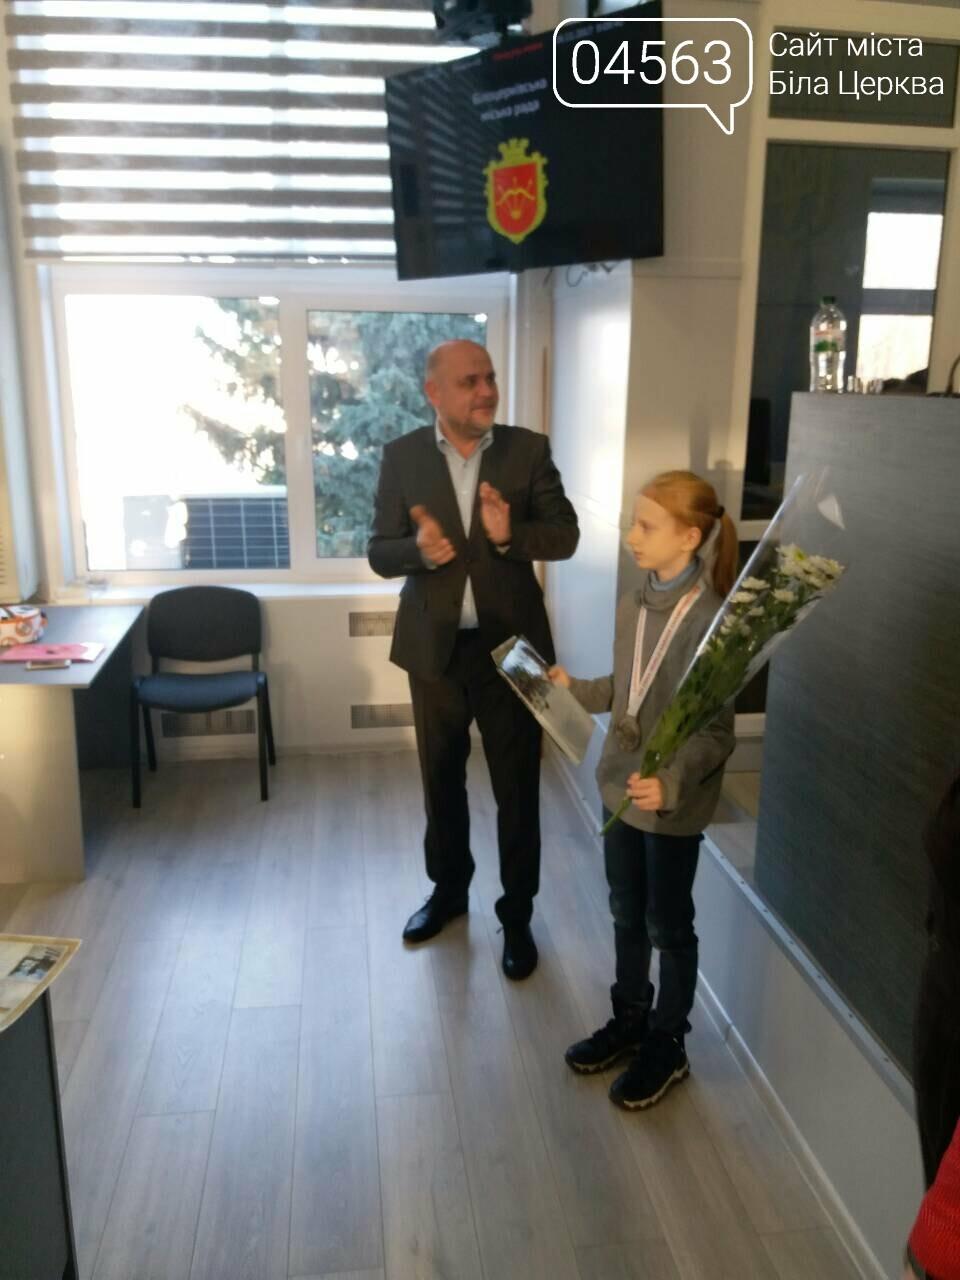 Міський голова відзначив нагородами білоцерківських спортсменів, які привезли медалі з Англії